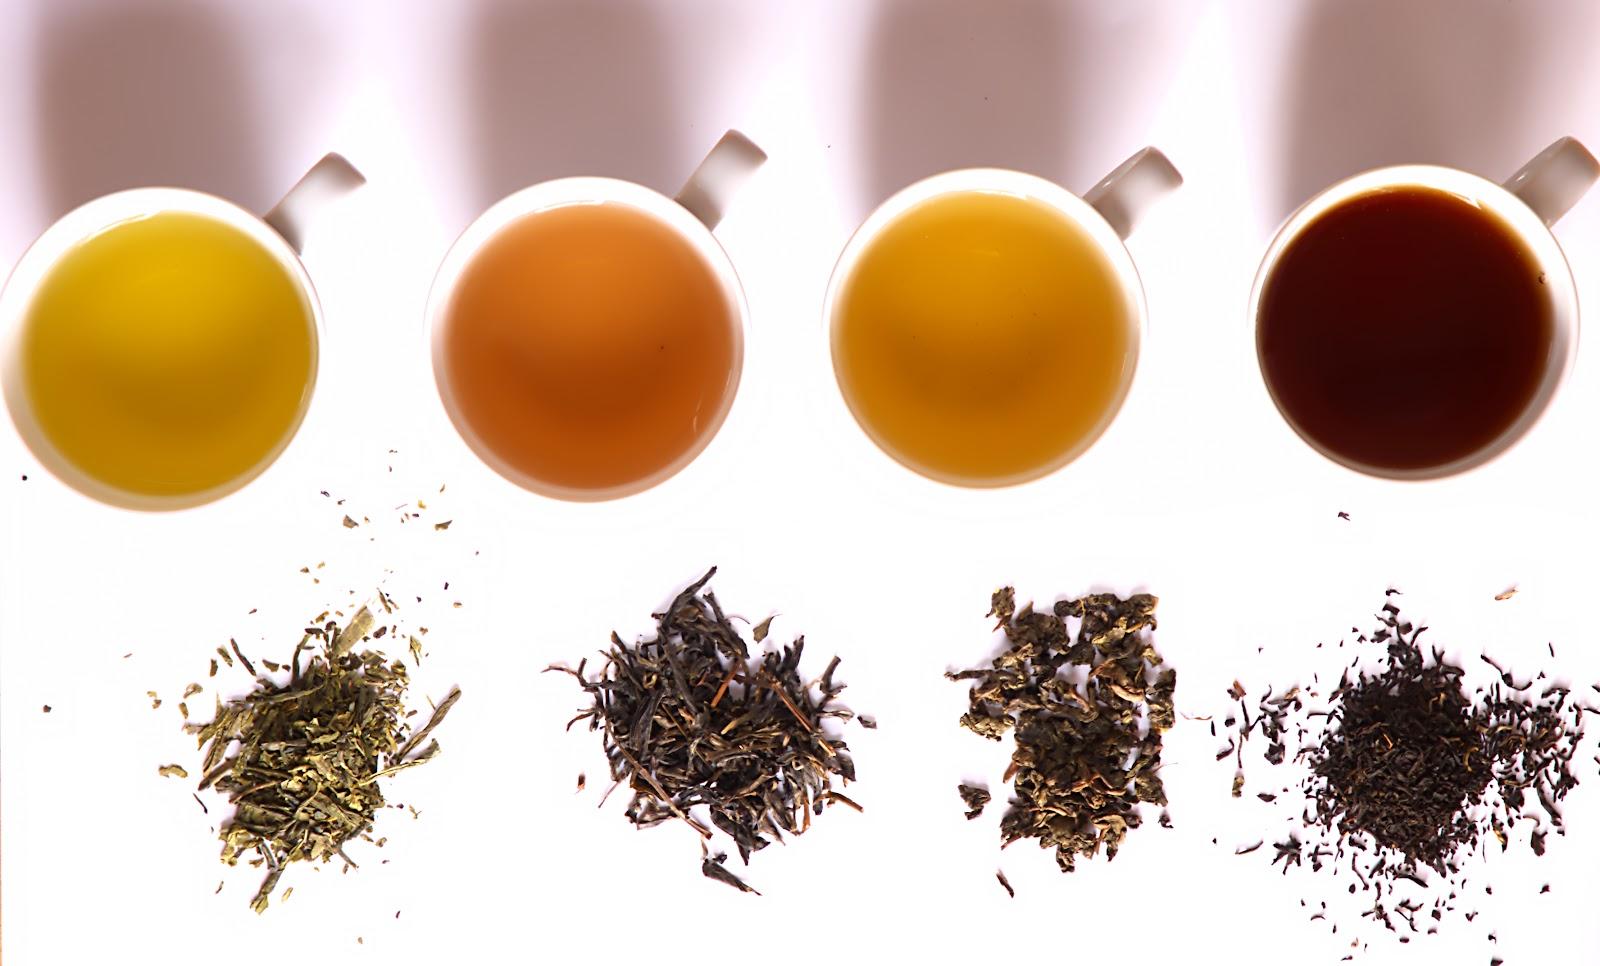 怎麼挑選茶葉 送長輩禮物 送客戶禮物 茶葉品質 紅茶品質 綠茶品質 烏龍茶品質